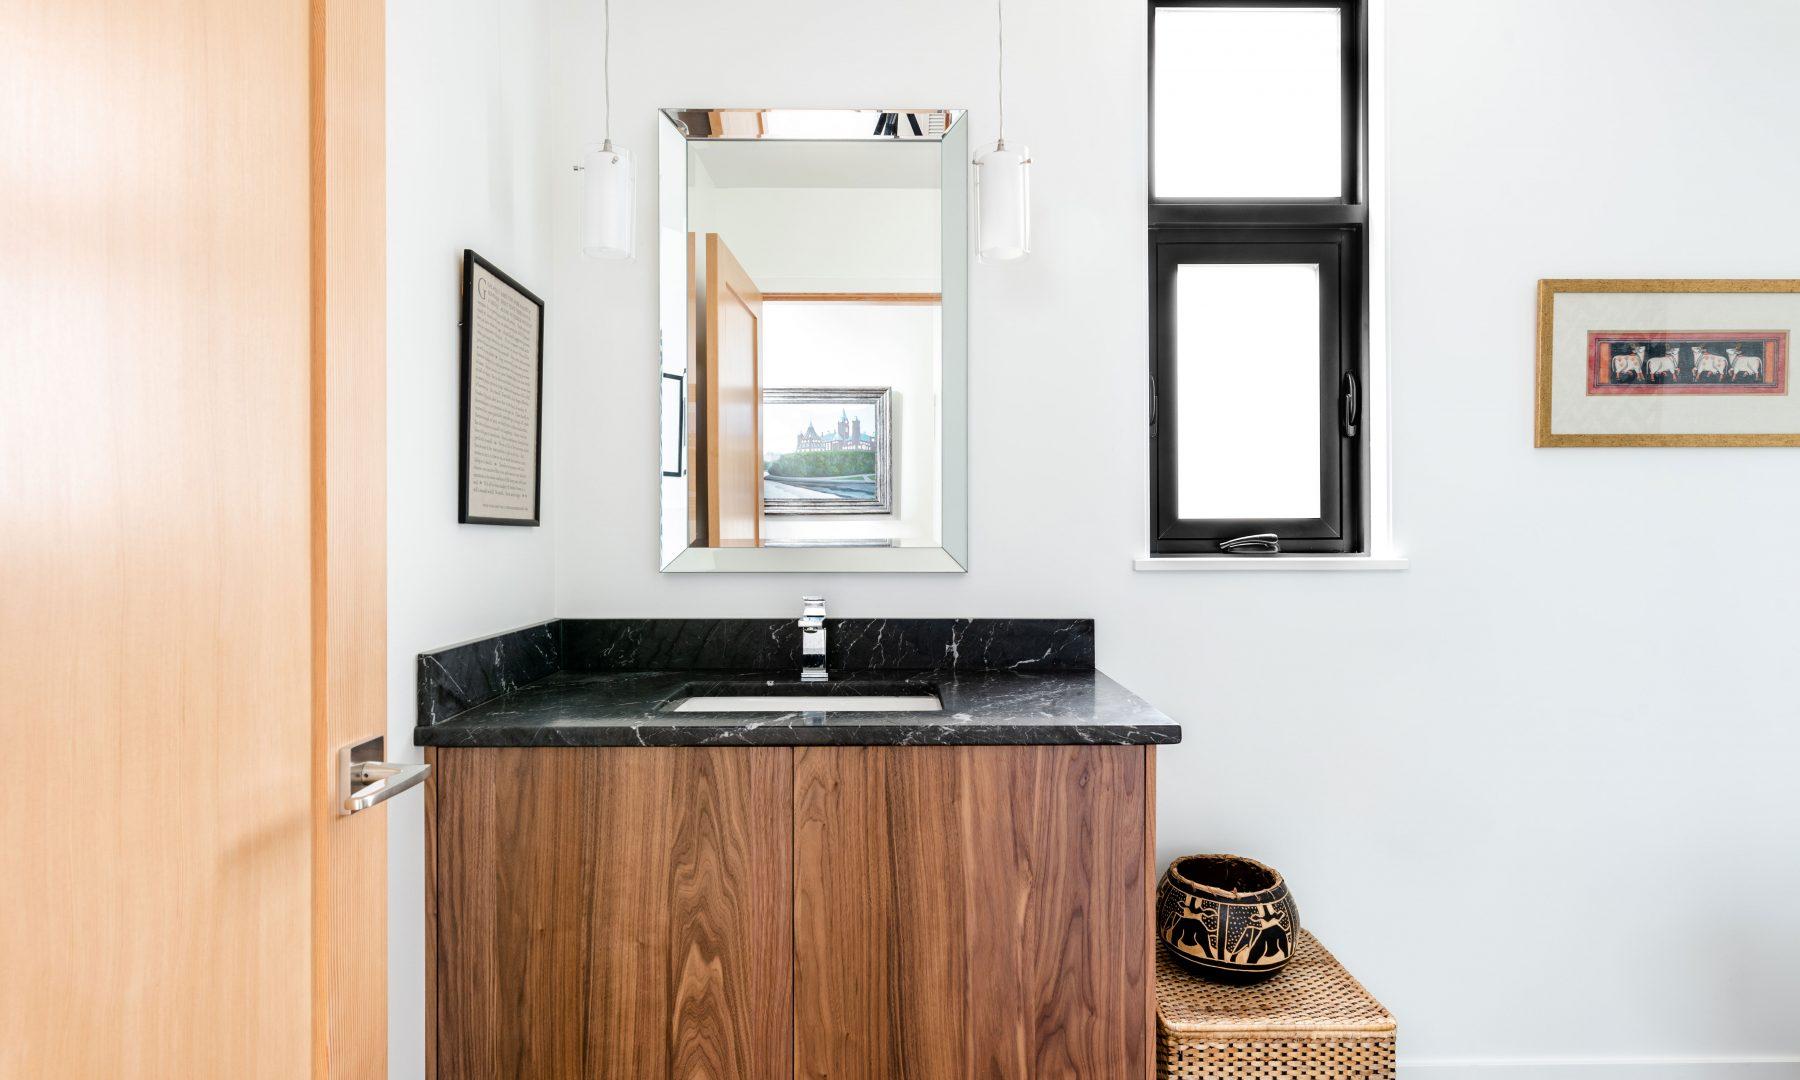 Cabico Custom Cabinets - Projet salle de bain 10 Mile Point - vue d'ensemble